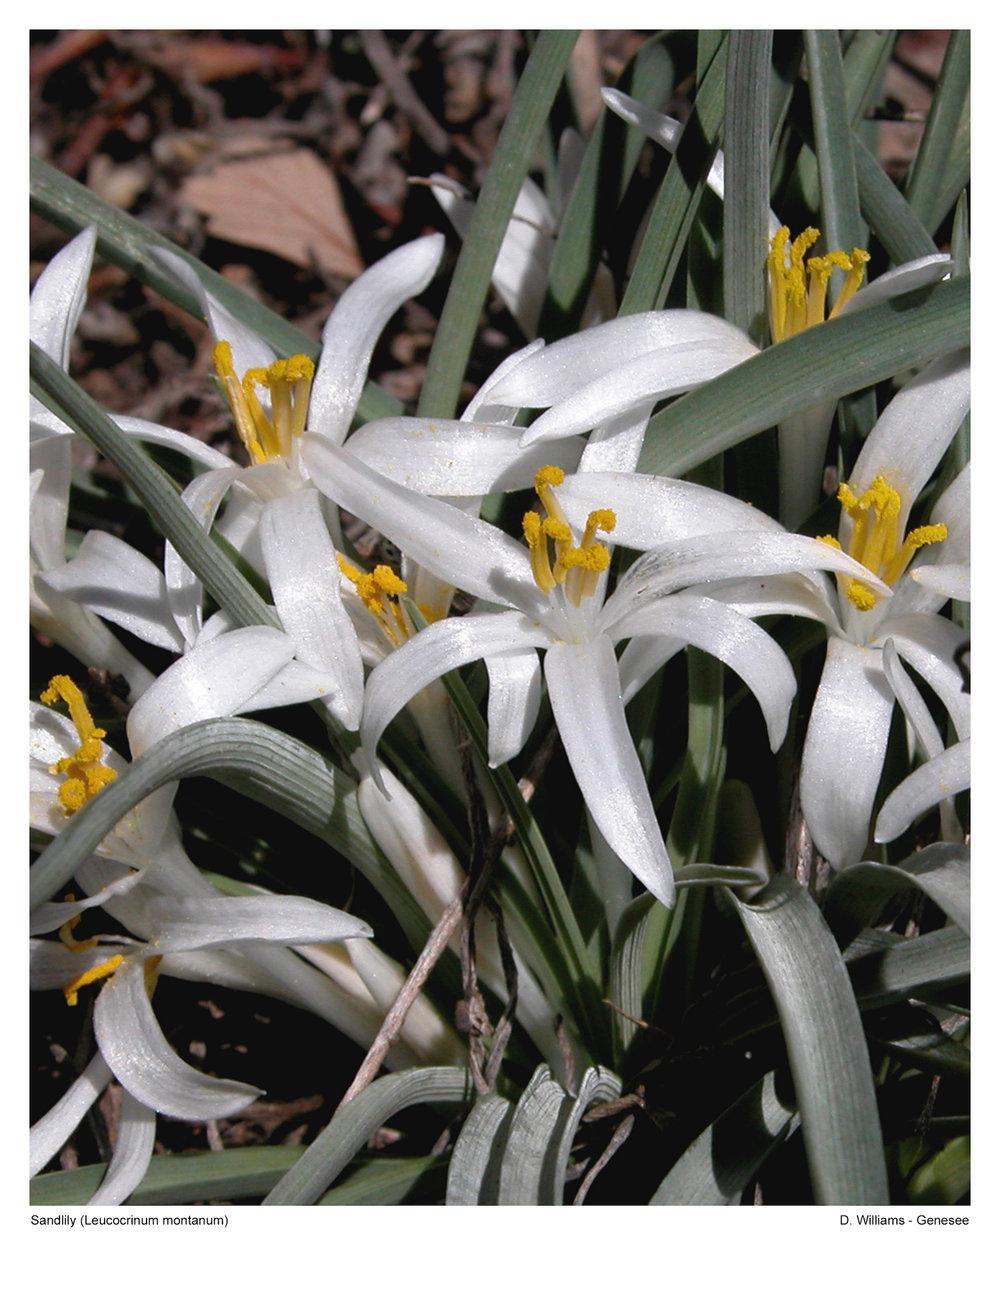 Sandlilly (Leucocrinum montanum)